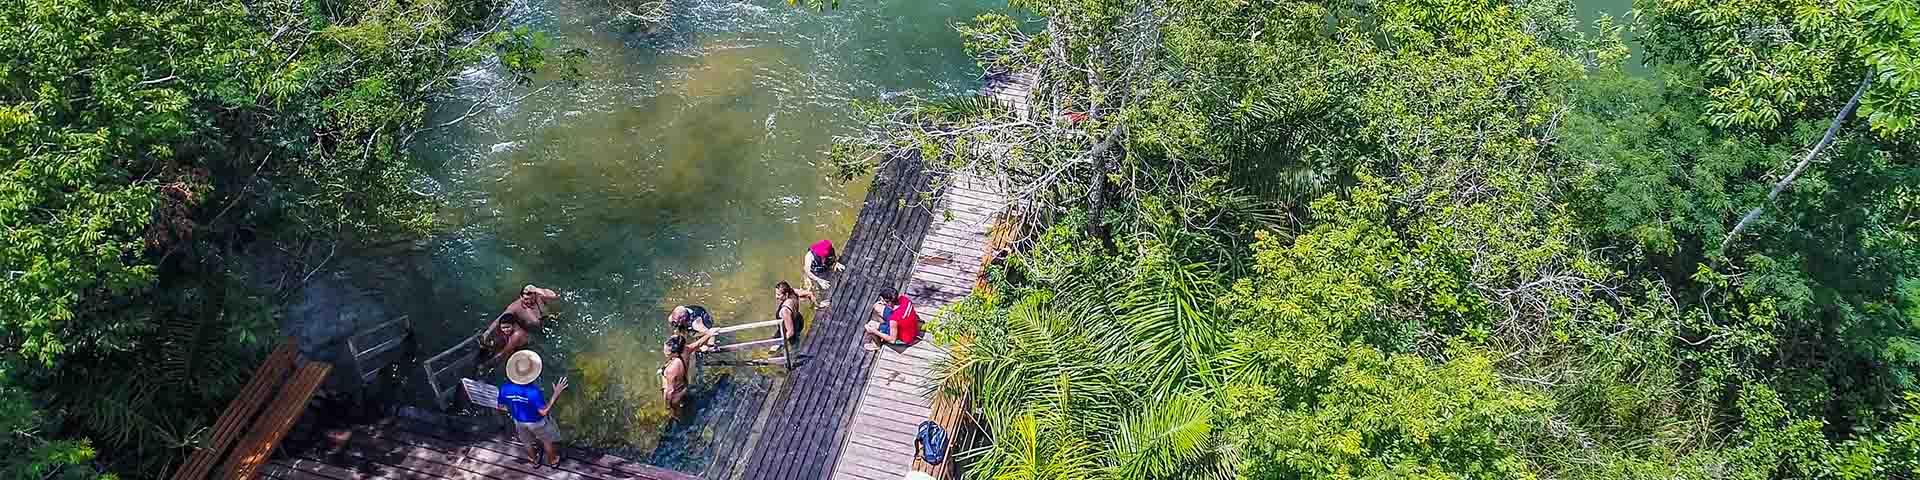 Parque-Ecologico-trilha-Bonitour-Passeios-em-Bonito-MS-1864915_2549.jpg